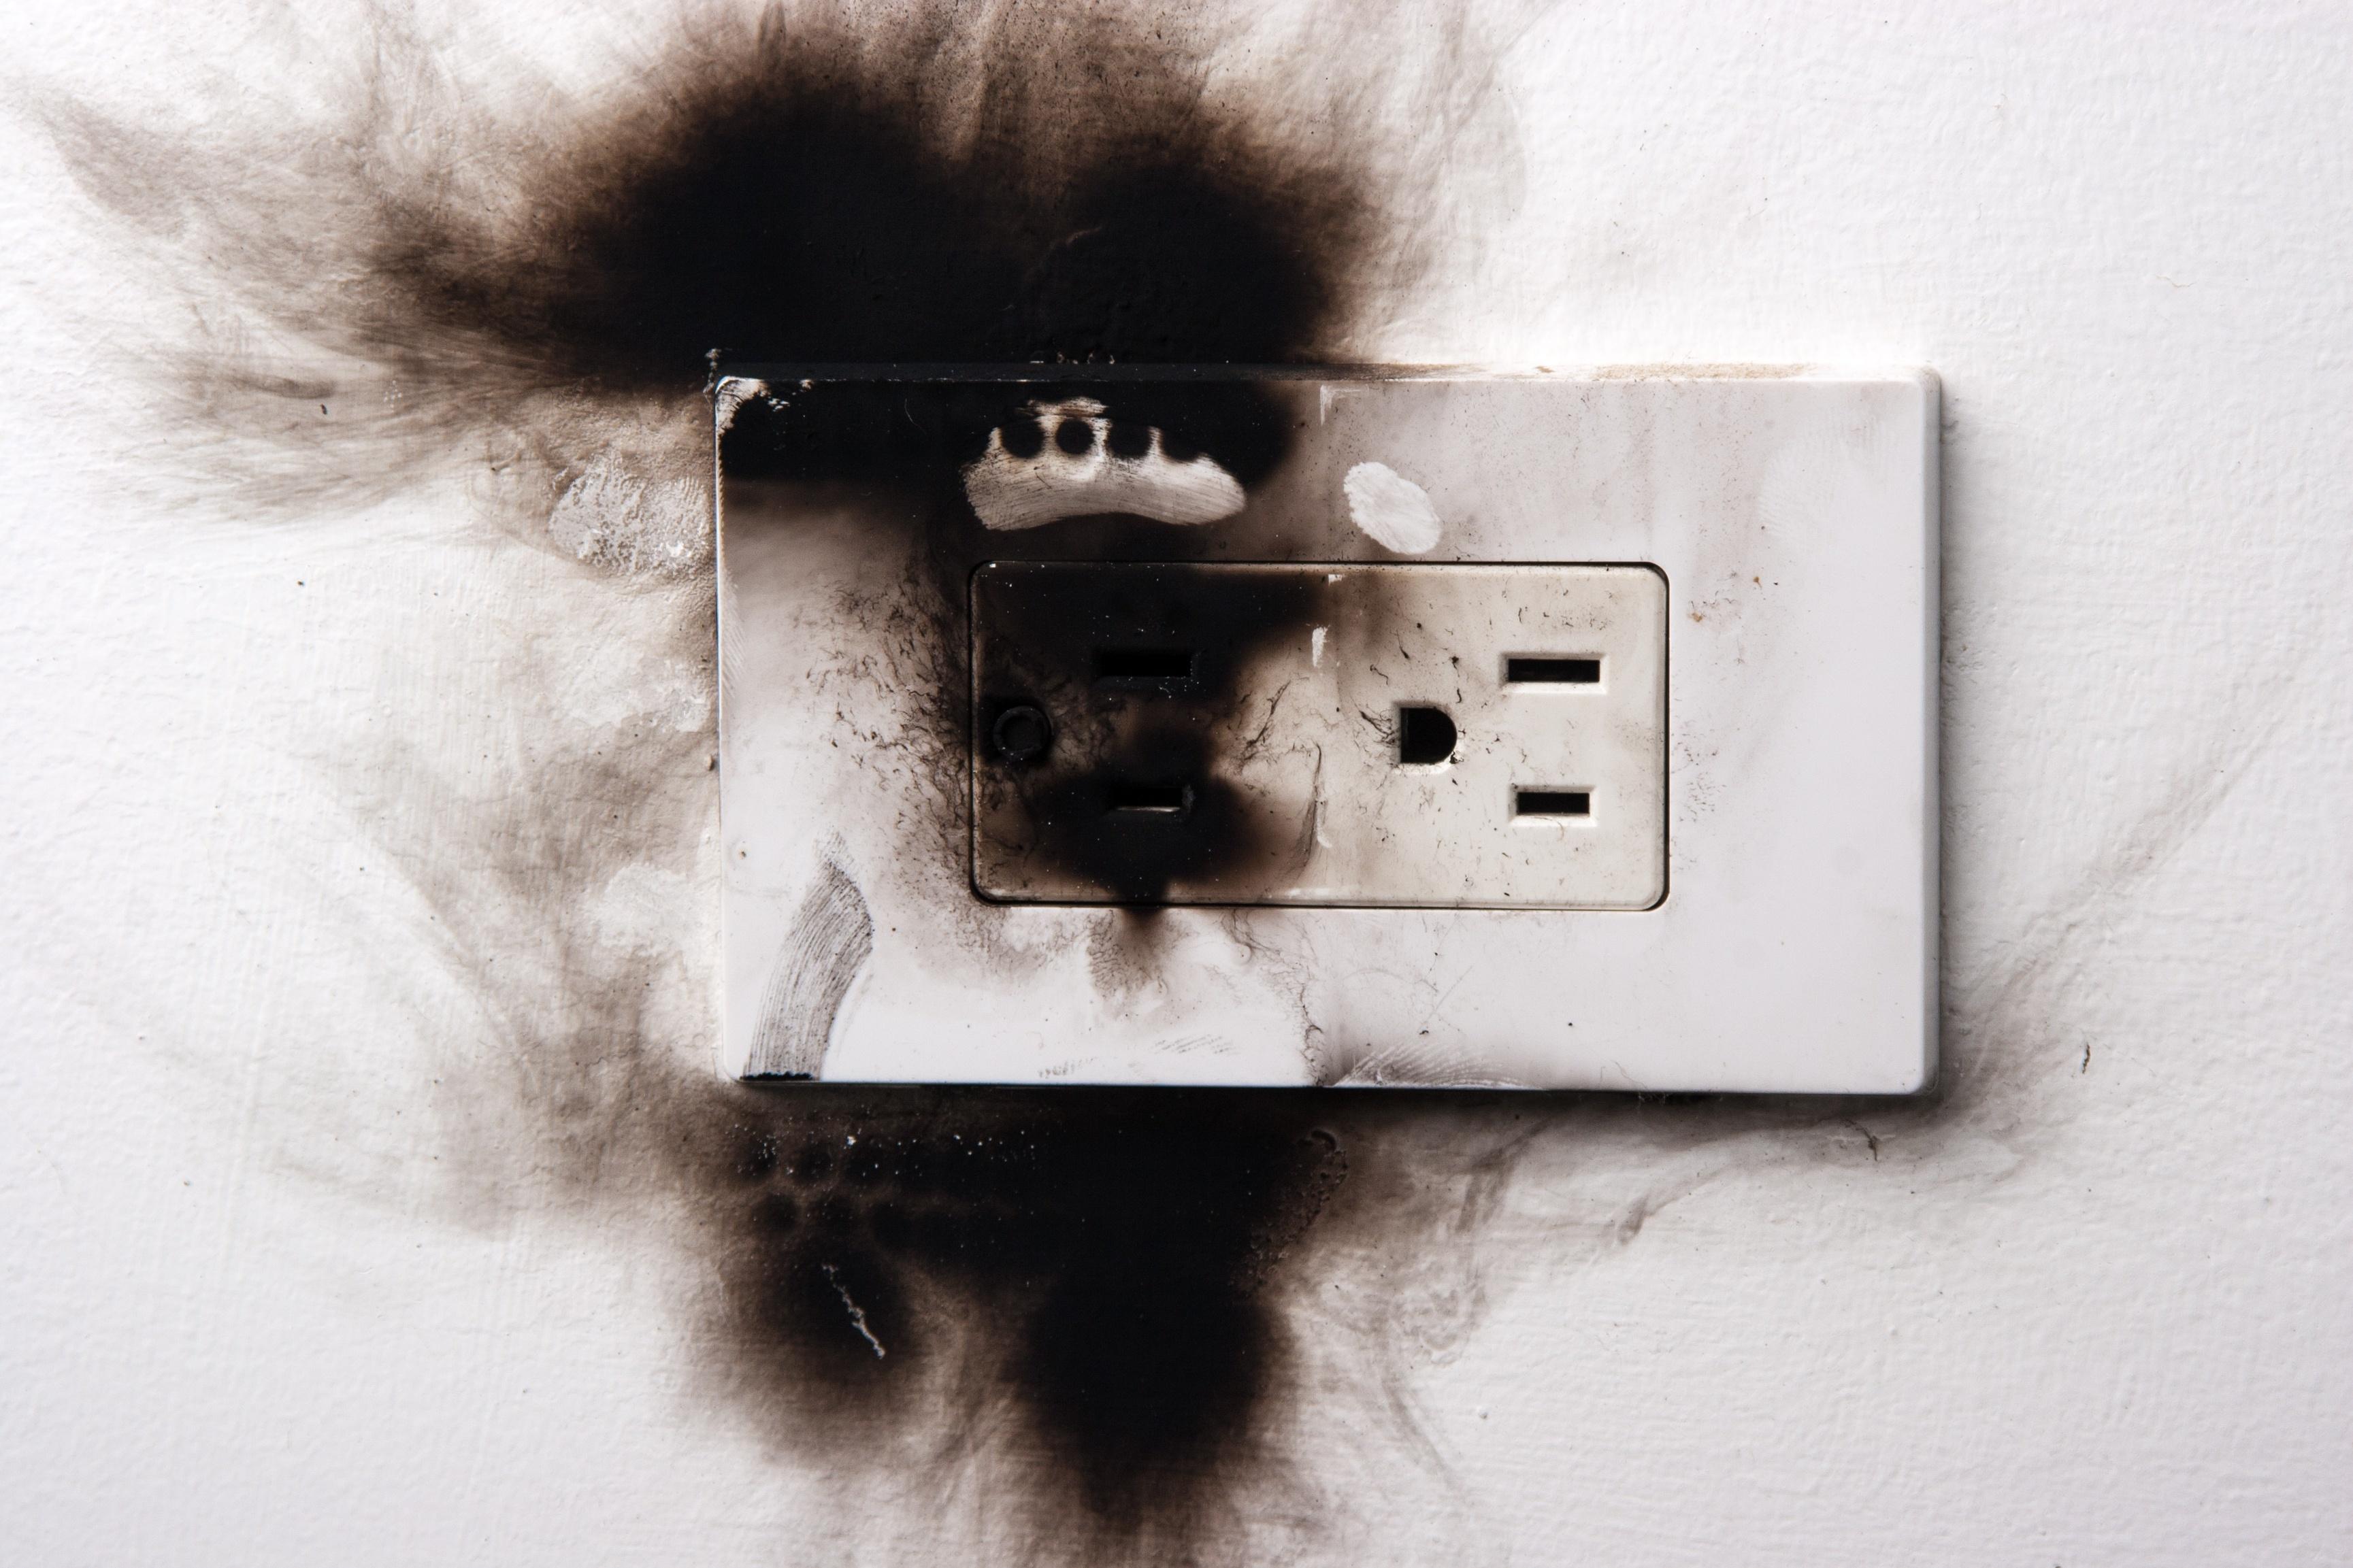 electrical repair - Tim Kyle